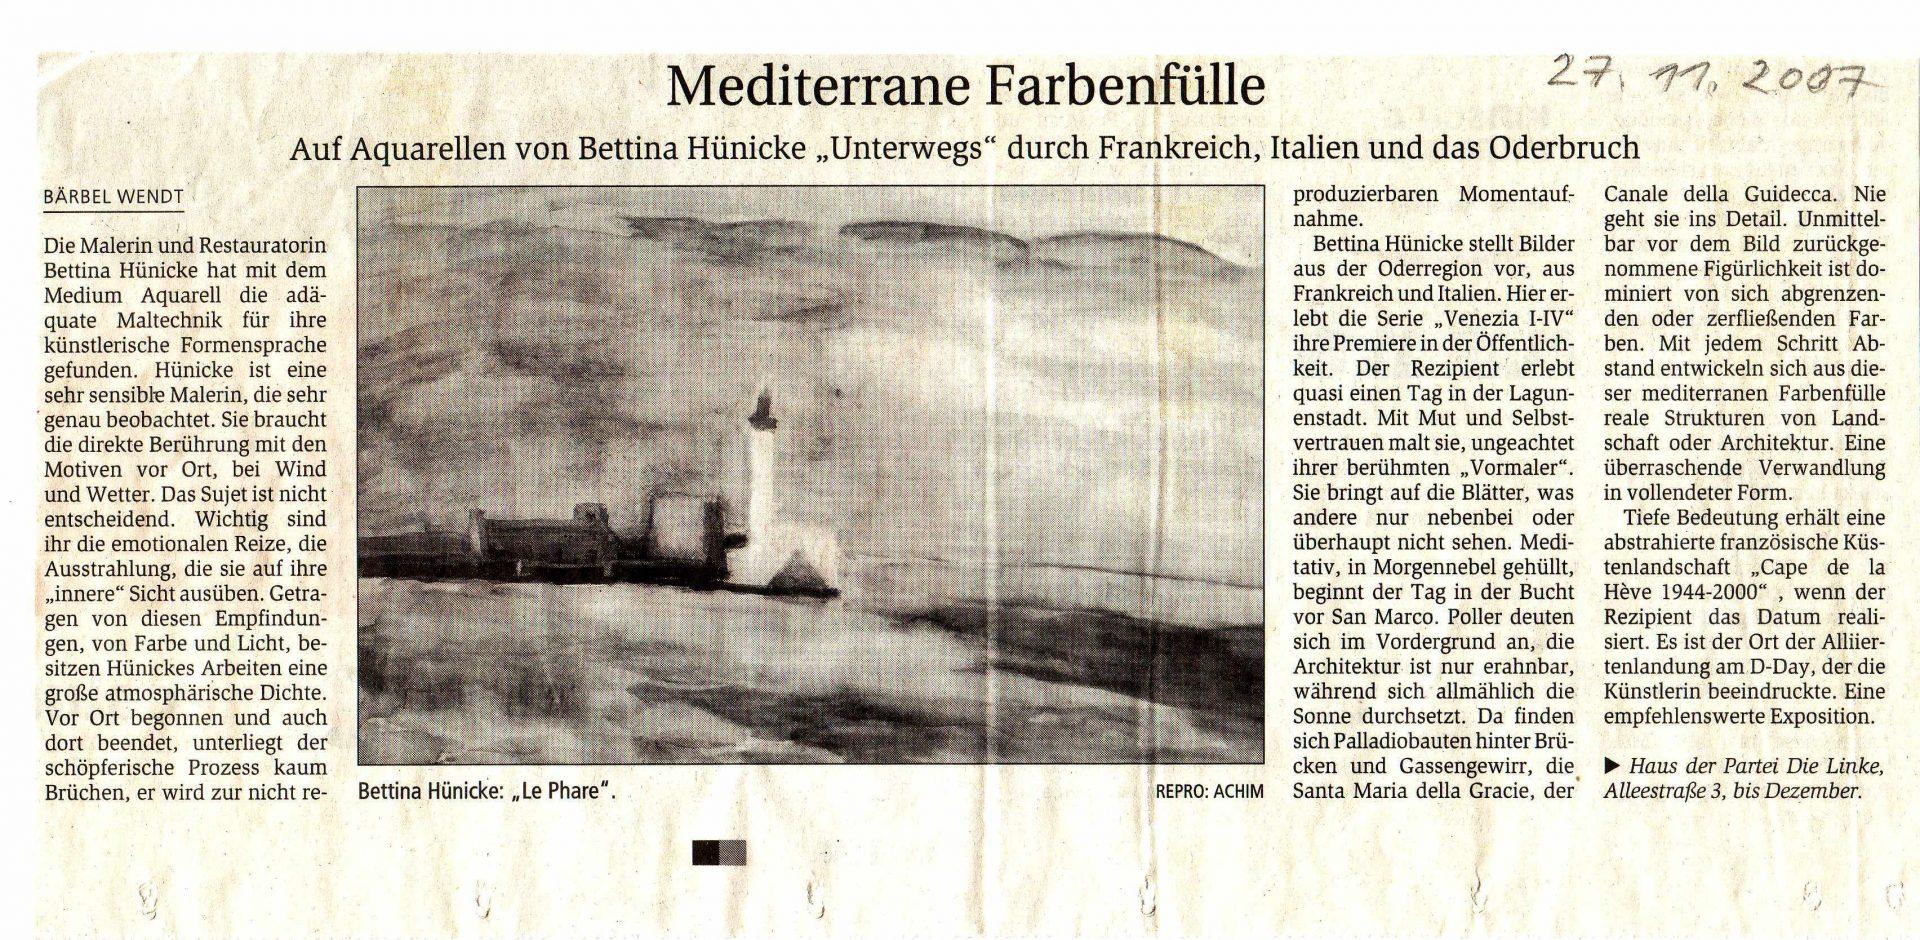 November 2007: Meditterane Farbenfülle MAZ 27.11.2007, Rezension von Bärbel Wendt